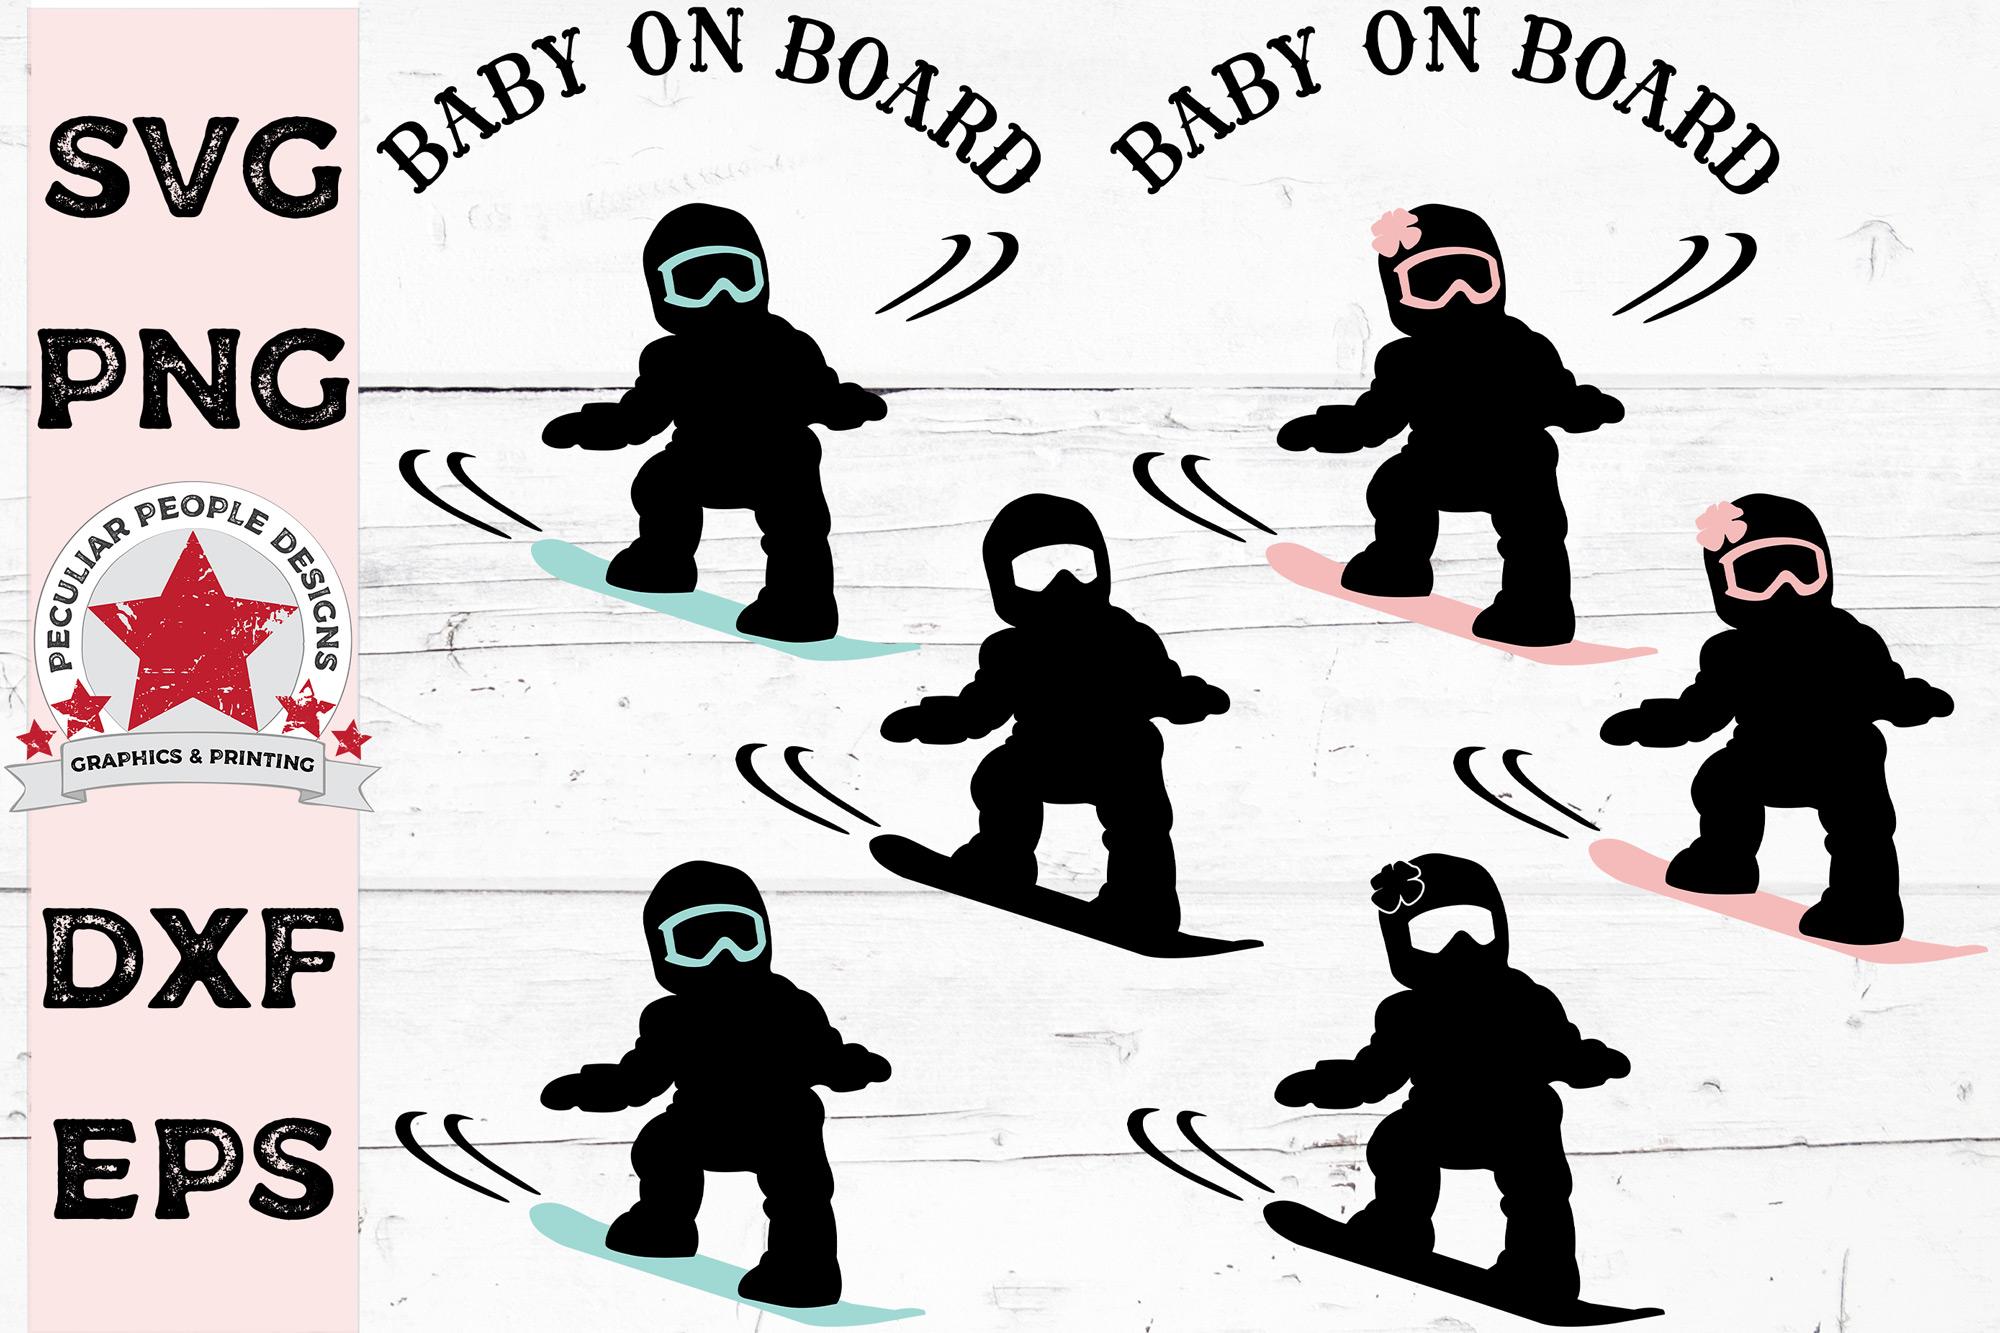 Big SVG Bundle Baby On Board Surfer Skateboarder Snowboarder example image 4